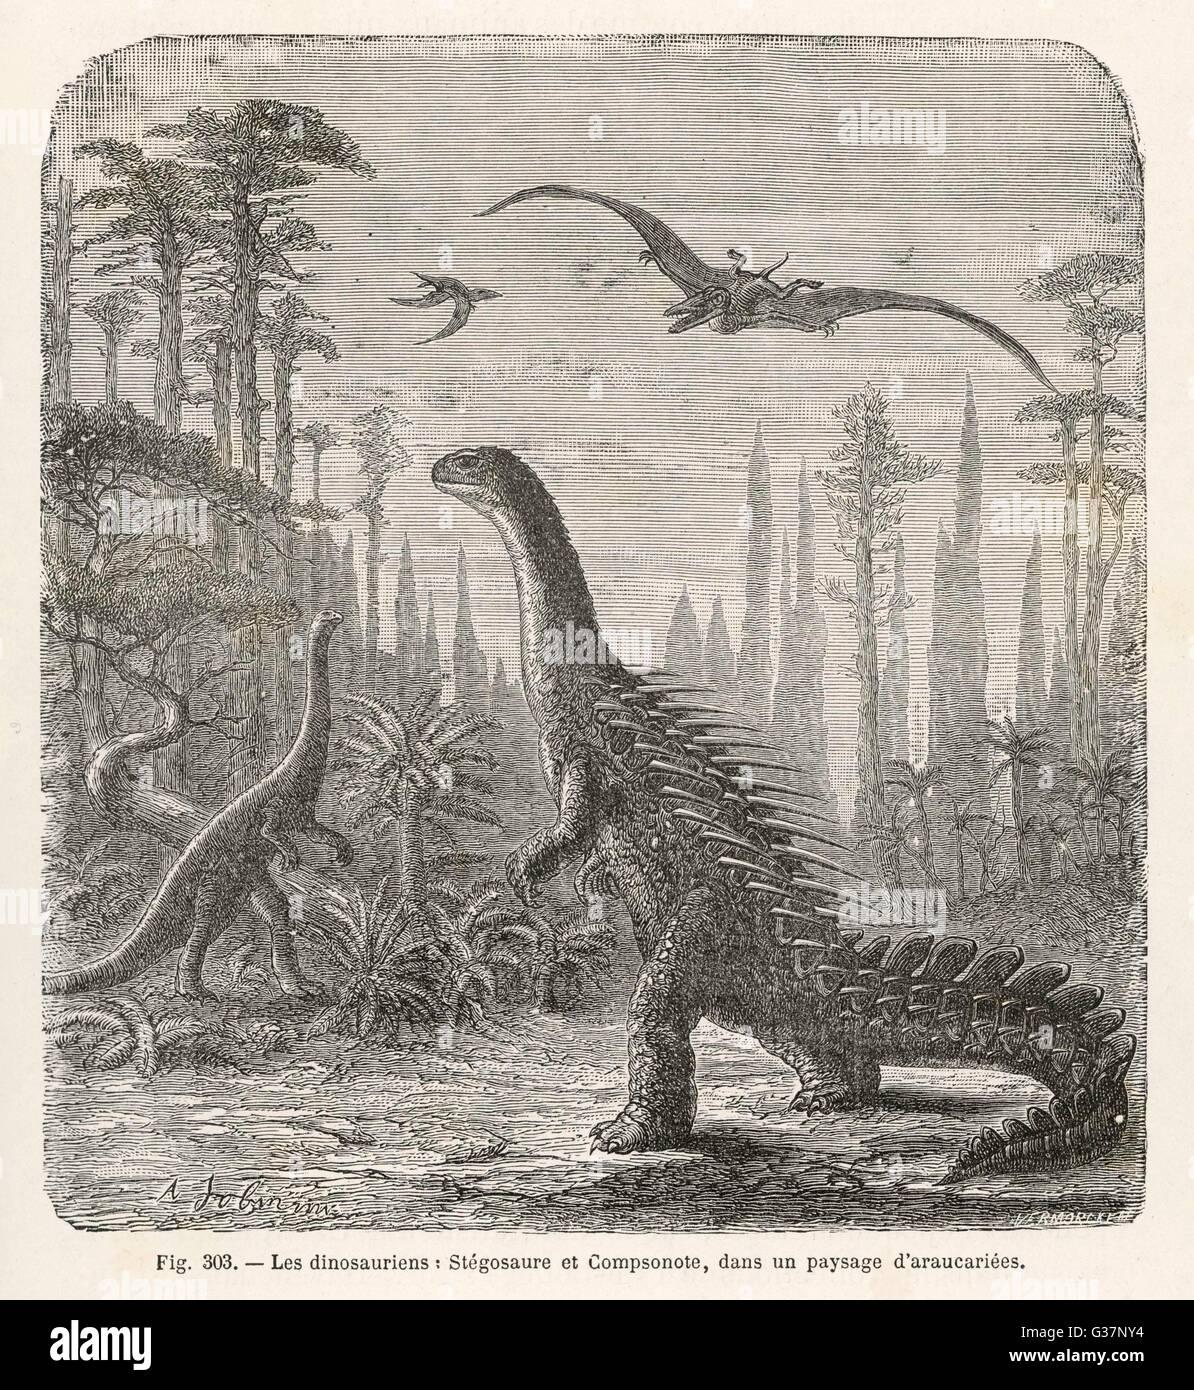 Los dinosaurios del periodo Jurásico : un Stegosaurus, con un Compsognathus en el fondo Imagen De Stock